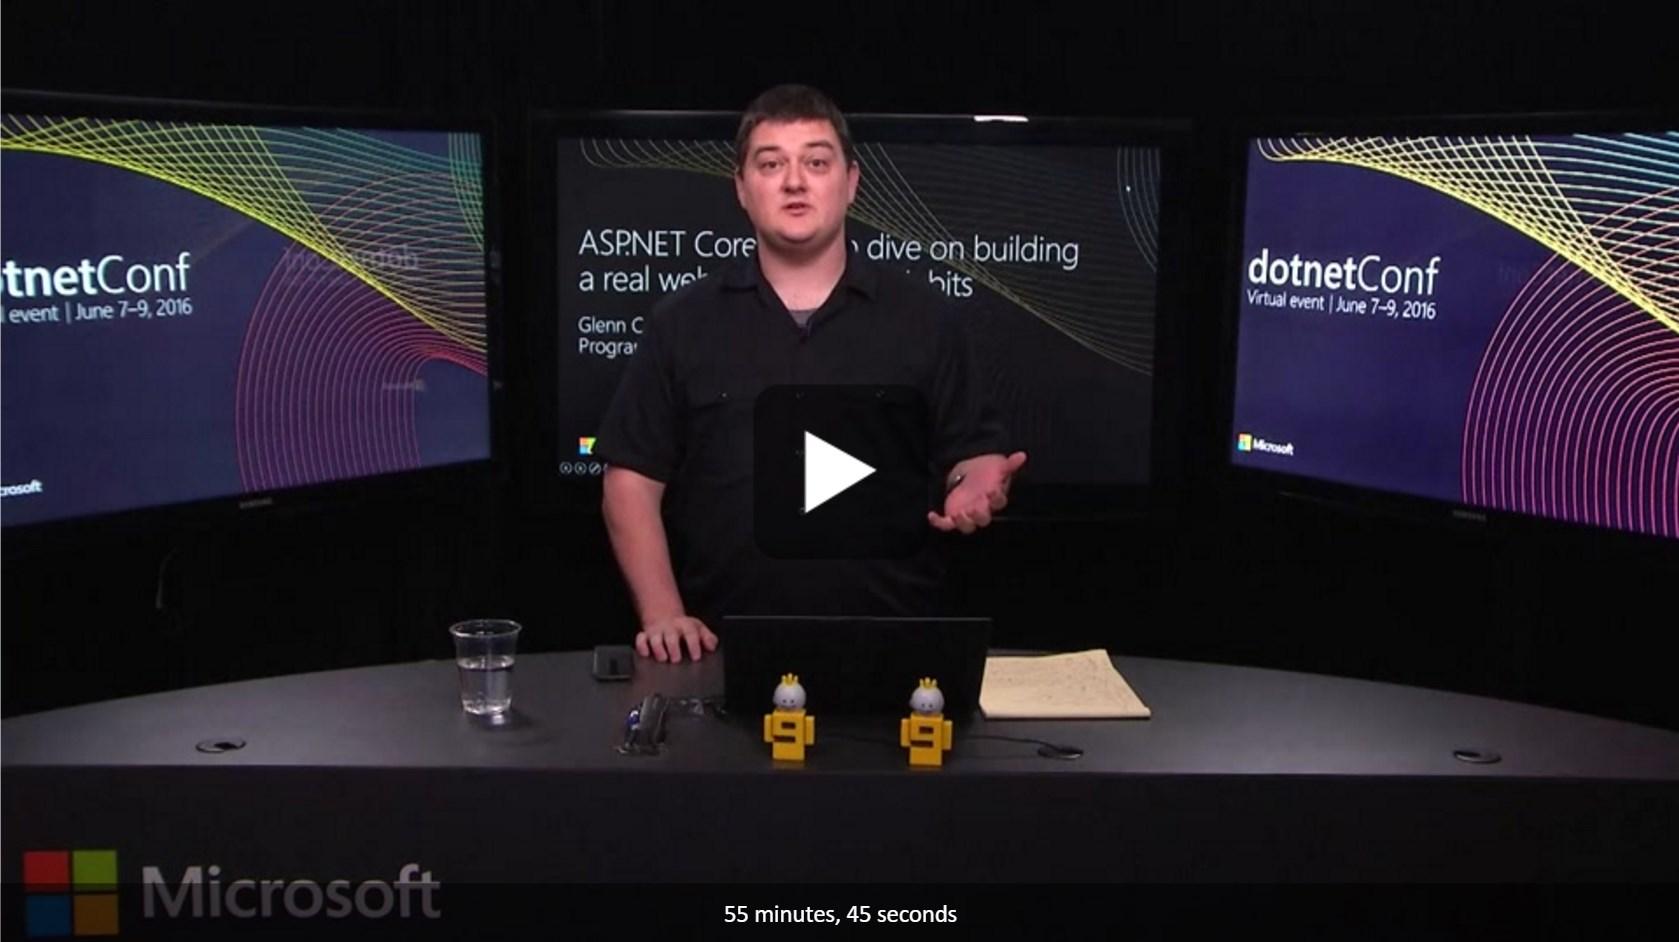 ASP.NET Core Deep Dive